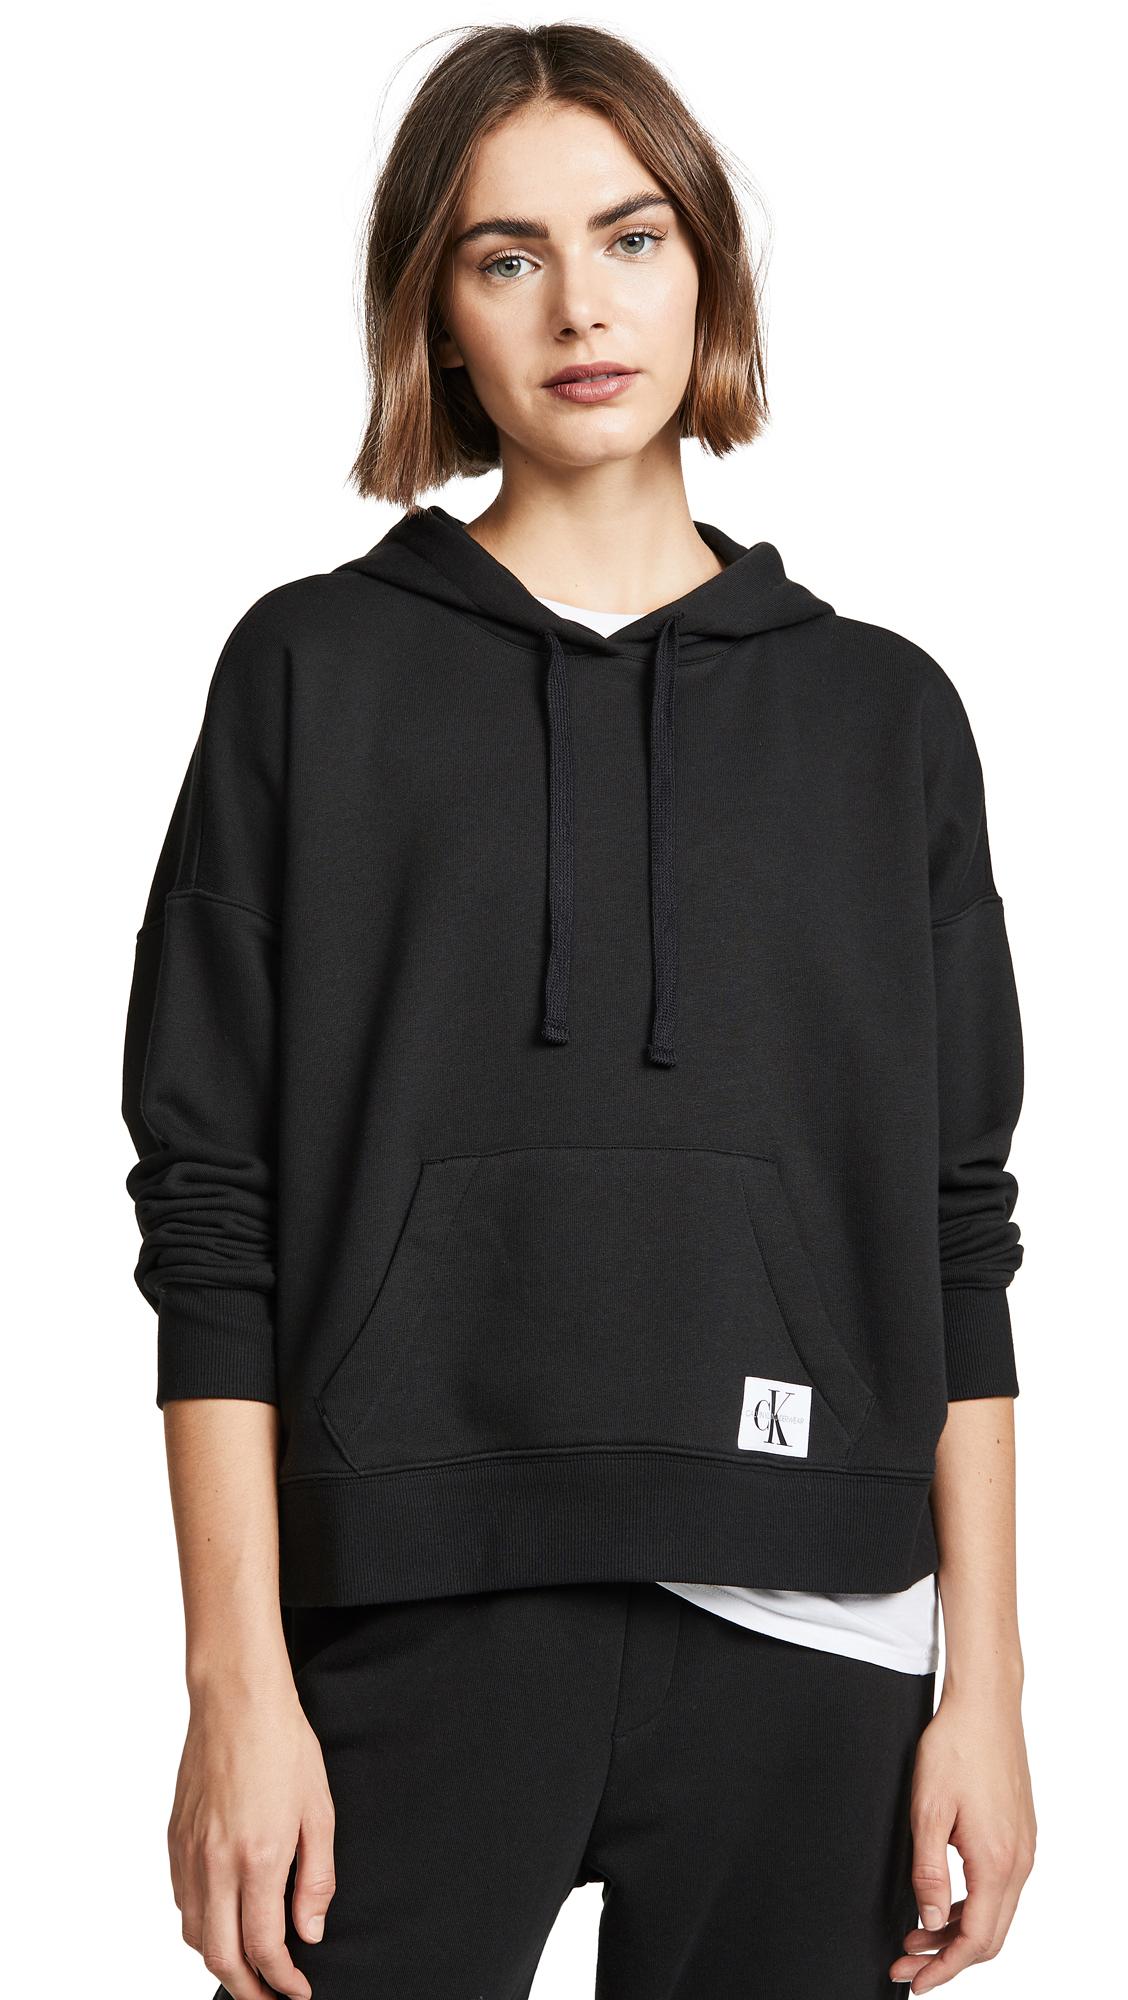 b34a6d03538d Calvin Klein Underwear Monogram Lounge Hoodie In Black